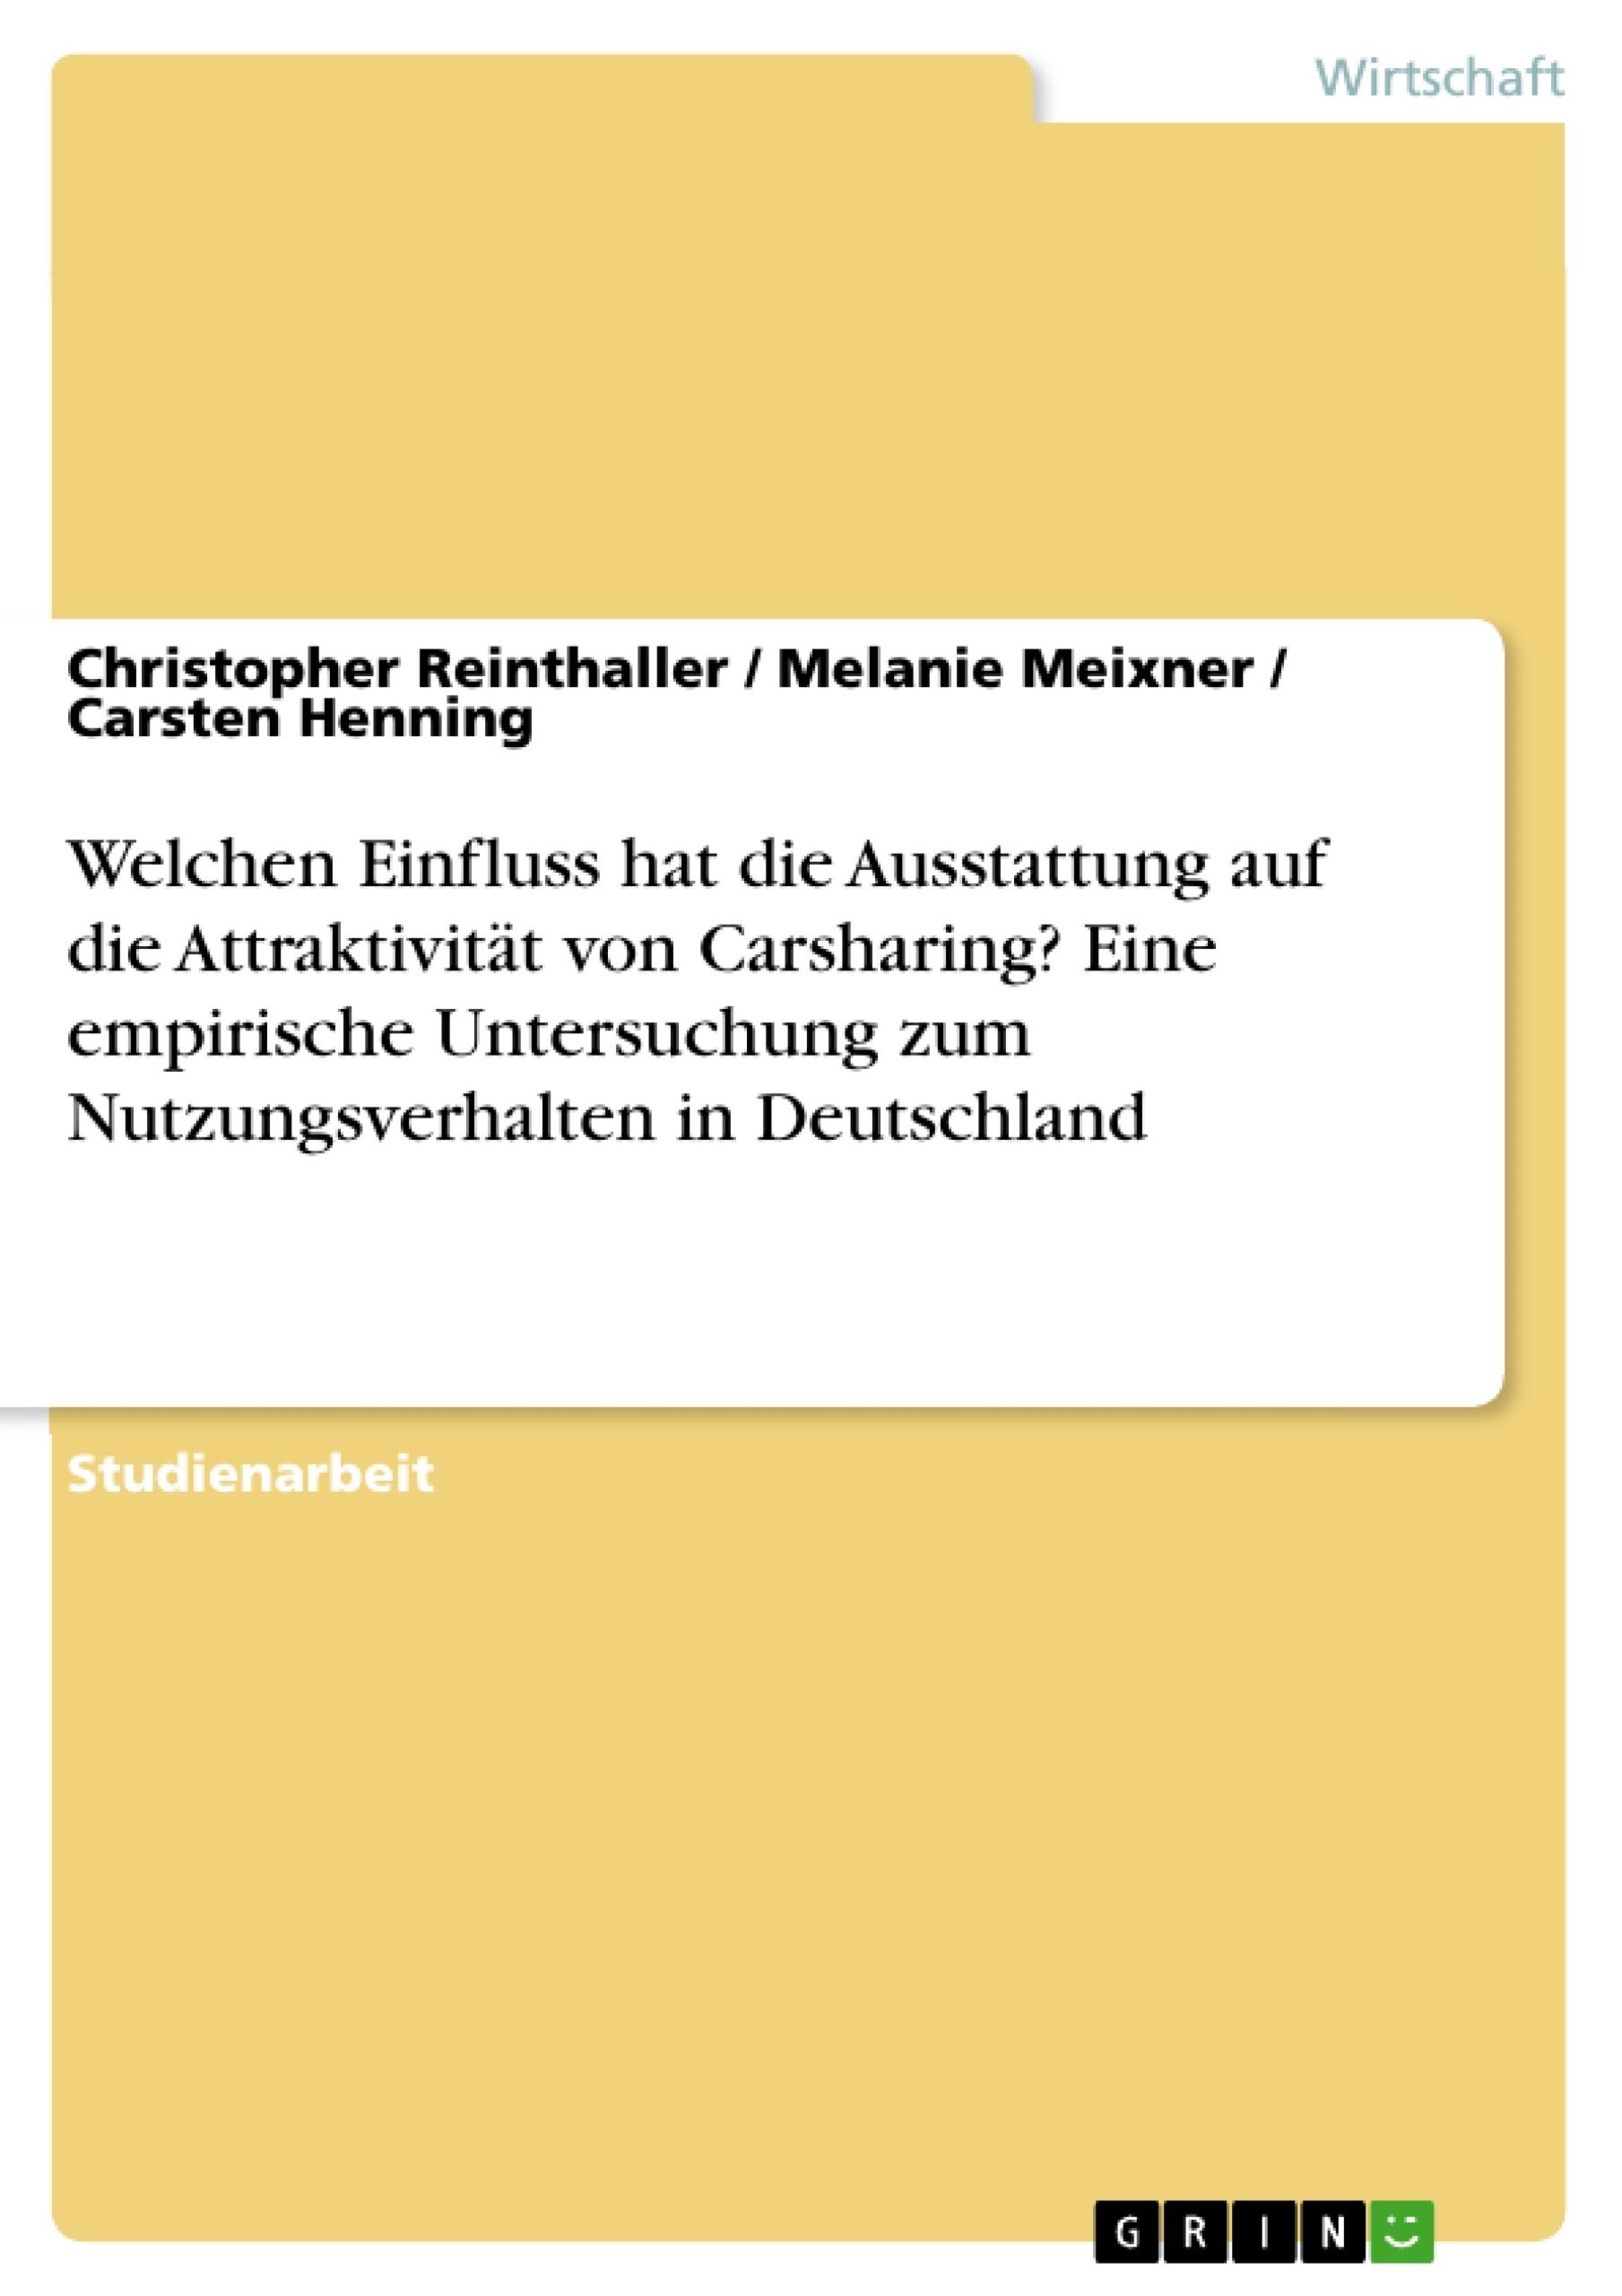 Titel: Welchen Einfluss hat die Ausstattung auf die Attraktivität von Carsharing? Eine empirische Untersuchung zum Nutzungsverhalten in Deutschland